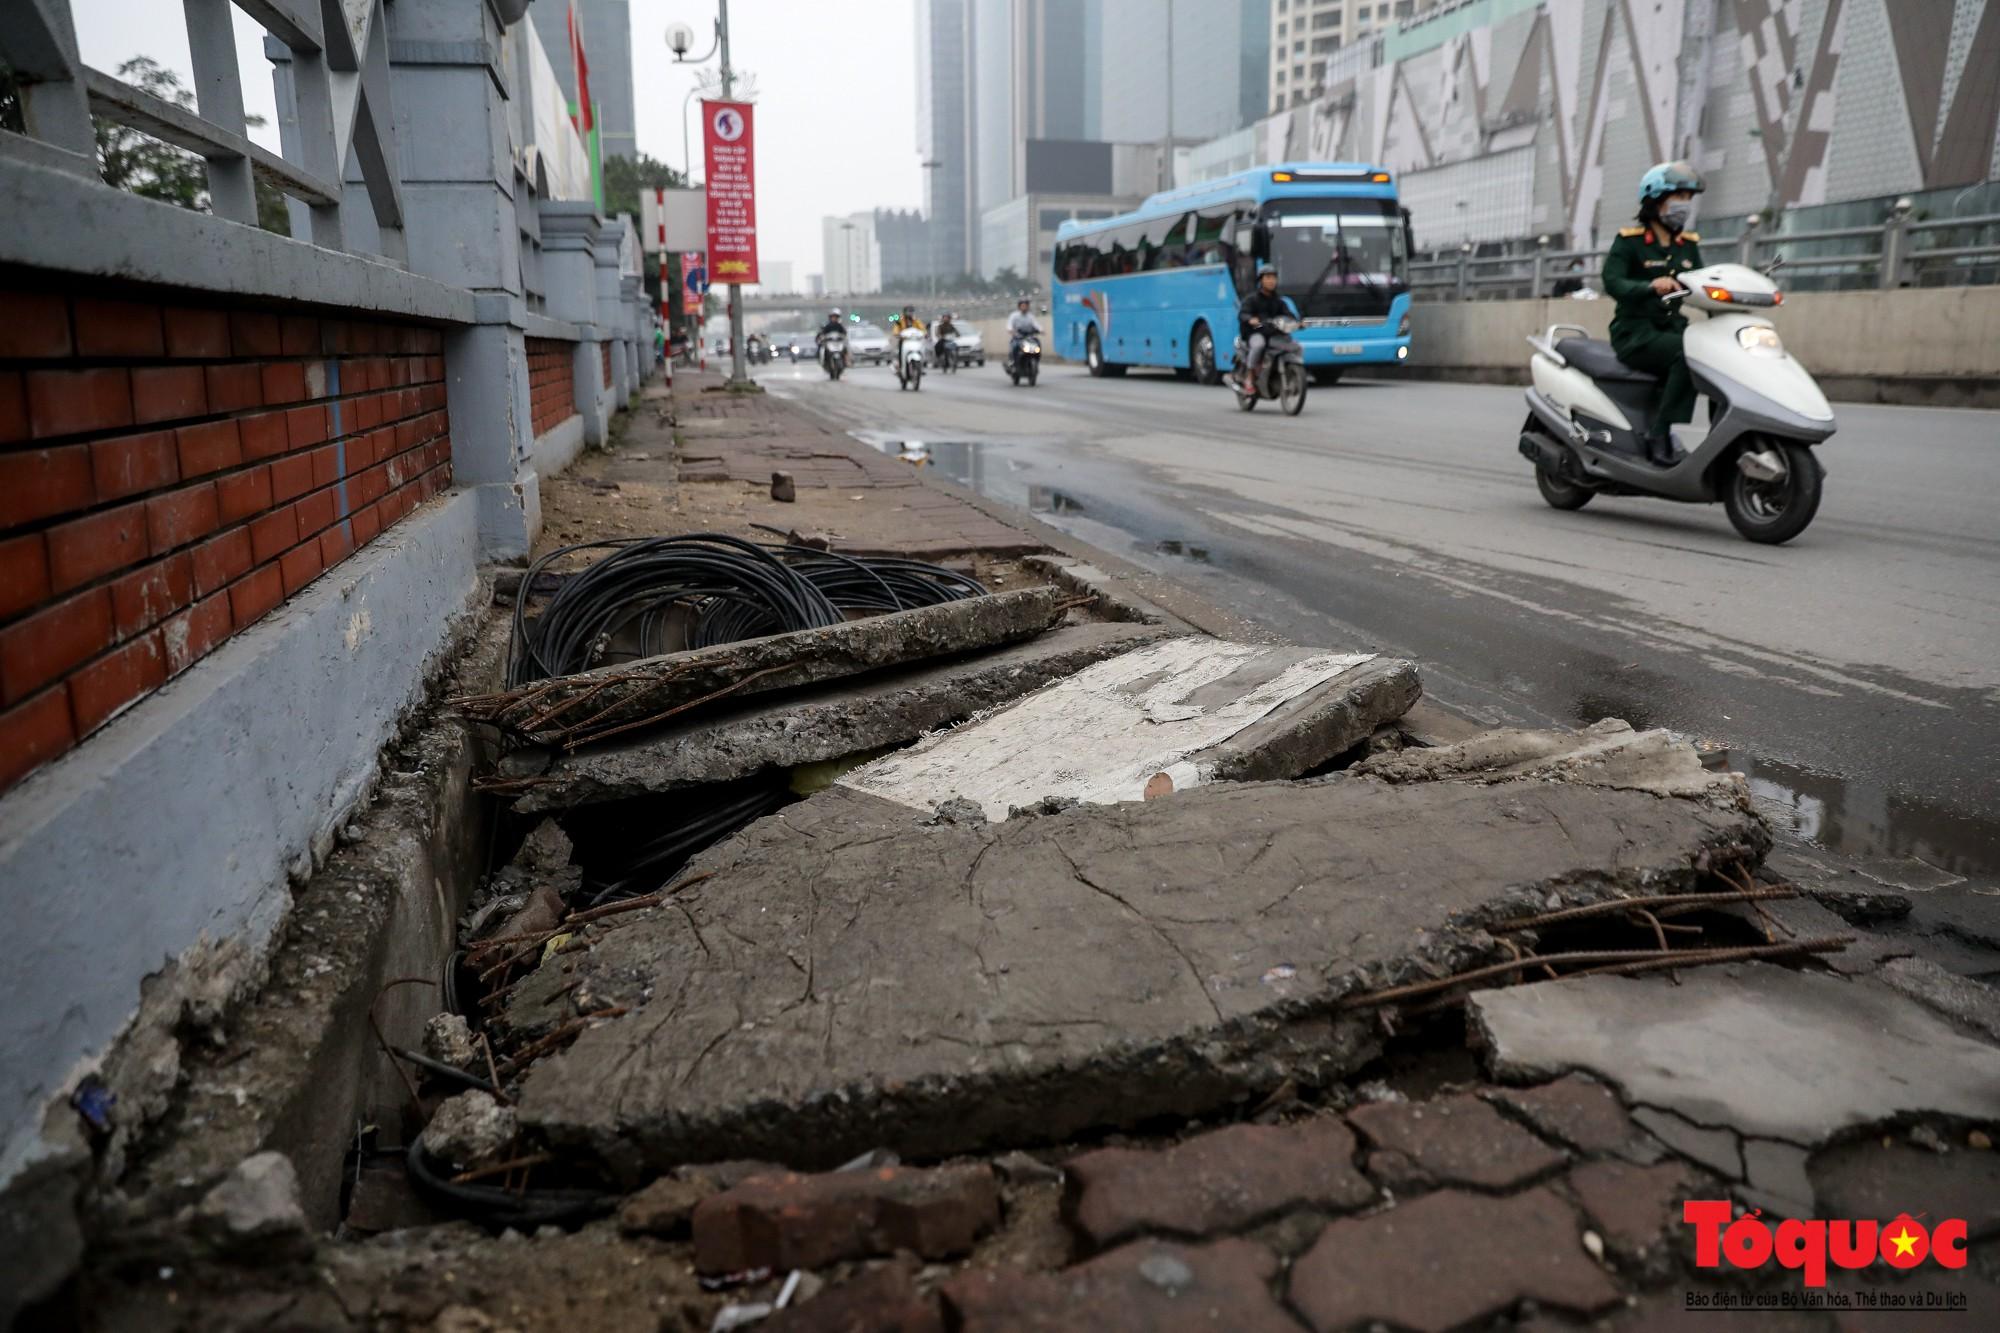 Nhìn những hình ảnh này mới thấy đề xuất cấm xe máy 6 tuyến phố Hà Nội là vô cảm với người dân nghèo - Ảnh 10.